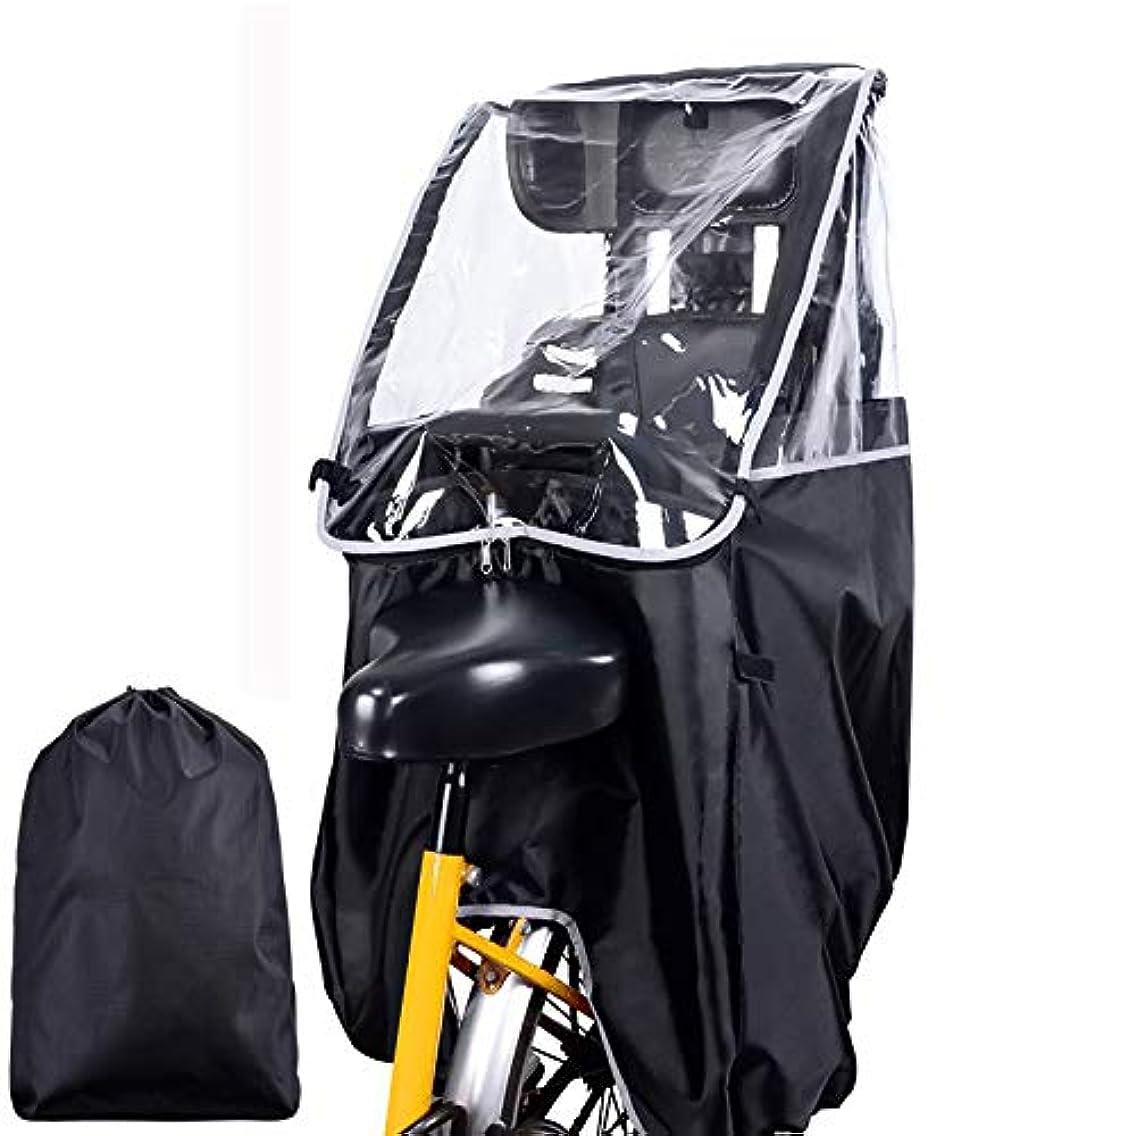 パーツ一般的に言えば端末レインカバー 子供乗せ自転車 チャイルドシート レインカバー 自転車 後ろ 撥水加工 後通気口完備&二重防水 方全開ファスナー付き 着脱簡単 収納バッグ付